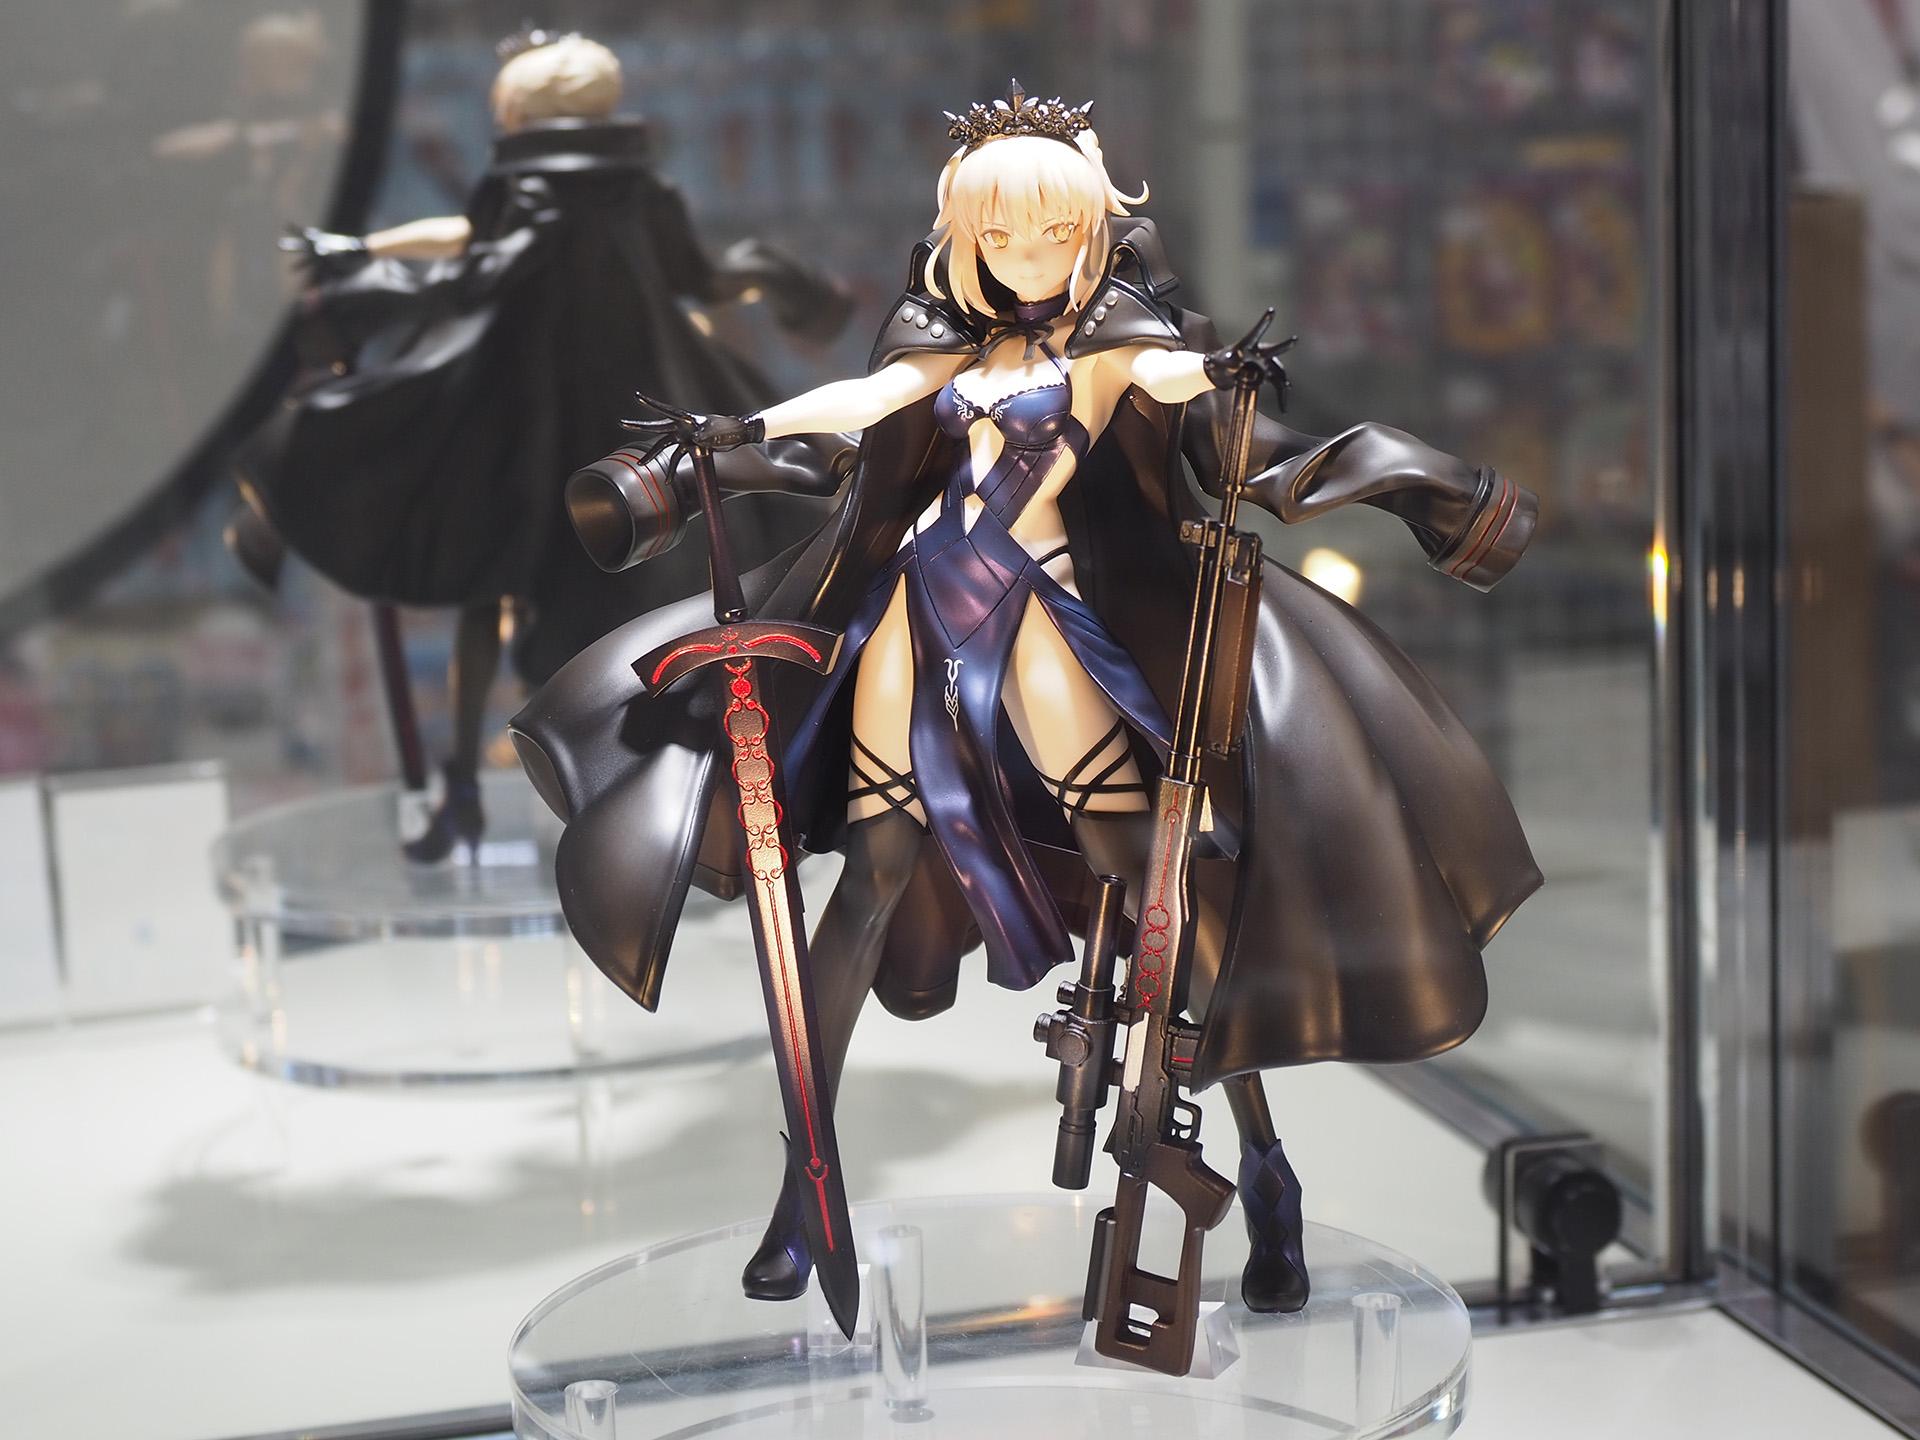 付属品も多く、デティール感満載の「Fate/Grand Order ライダー/アルトリア・ペンドラゴン〔オルタ〕」